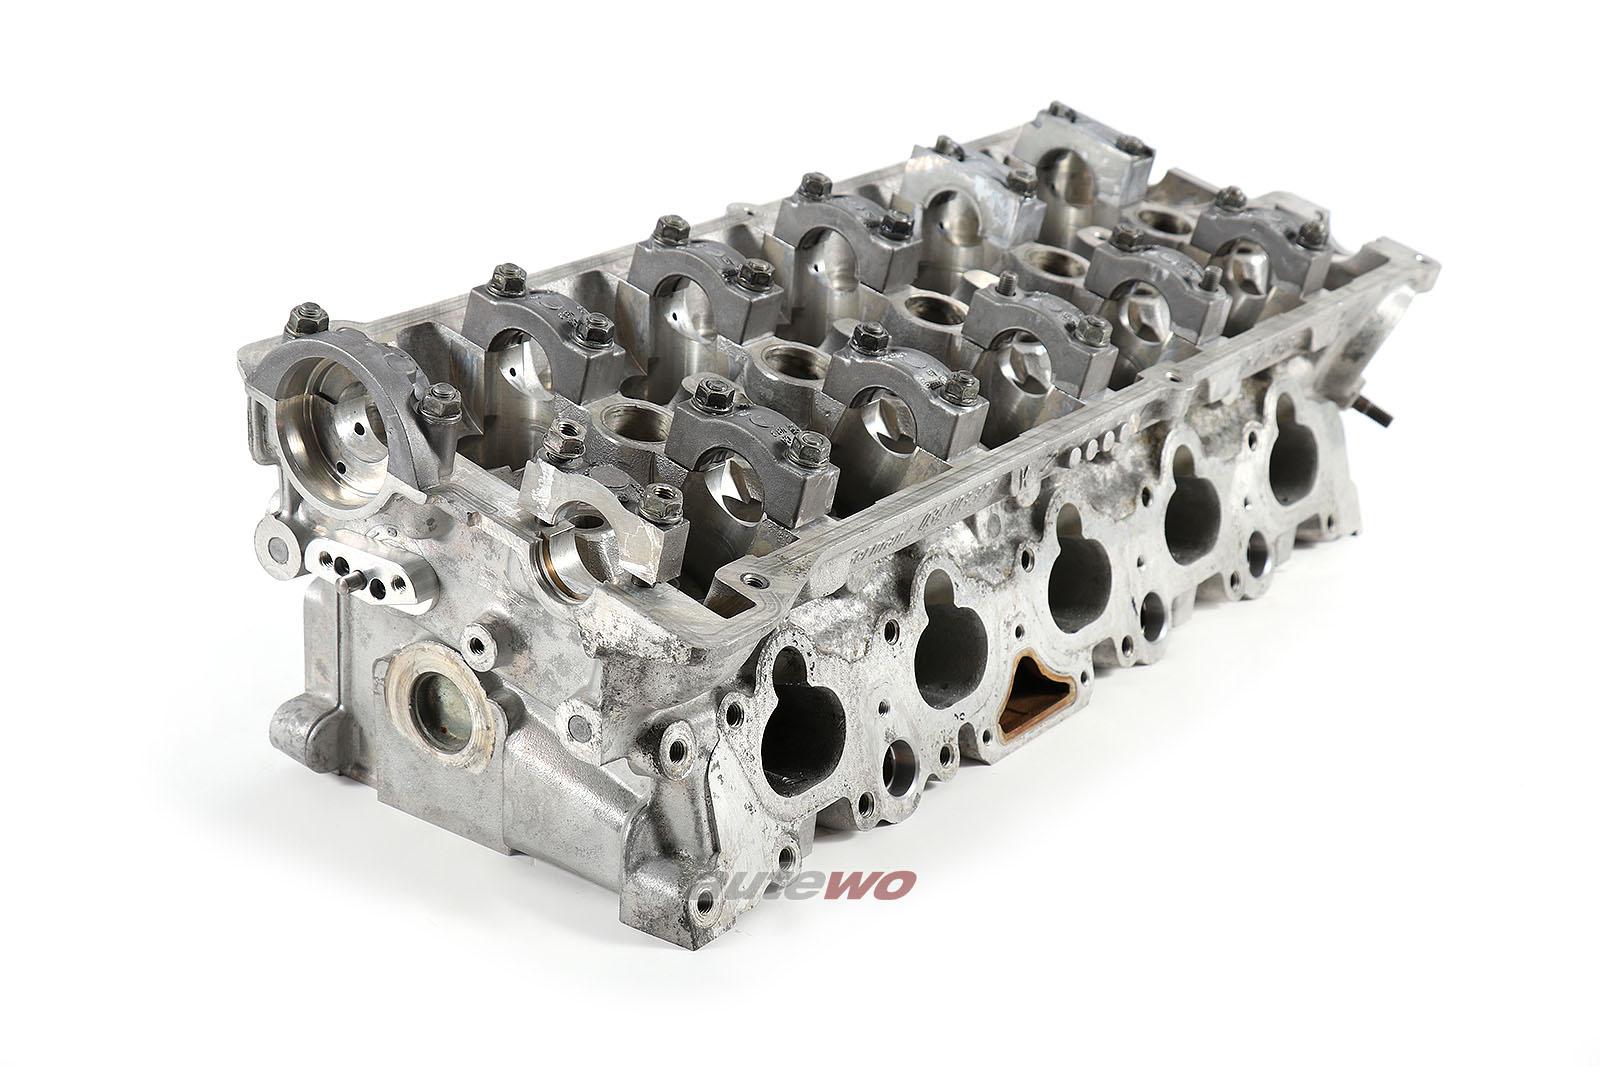 034103351N Audi 200/S2/RS2/Urquattro 20V/S4/S6 C4 20V Turbo Zylinderkopf